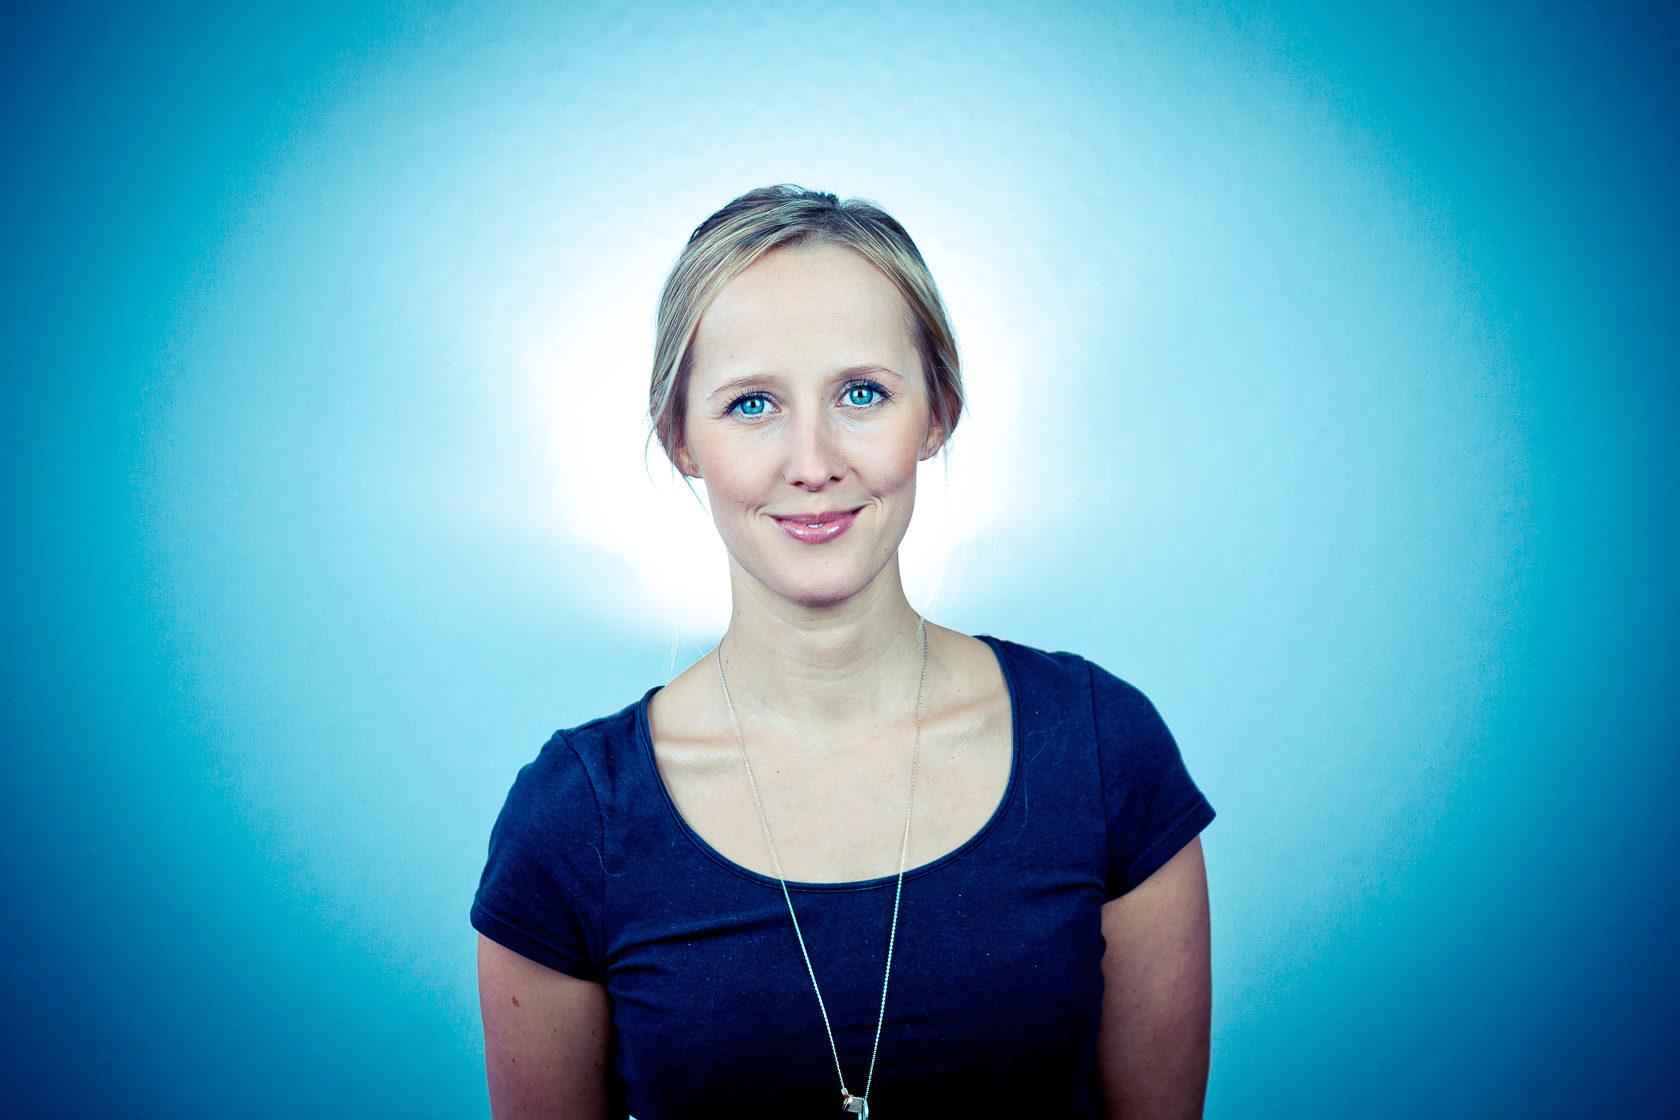 Britta Kiwit von Dein-Lebenslauf.com